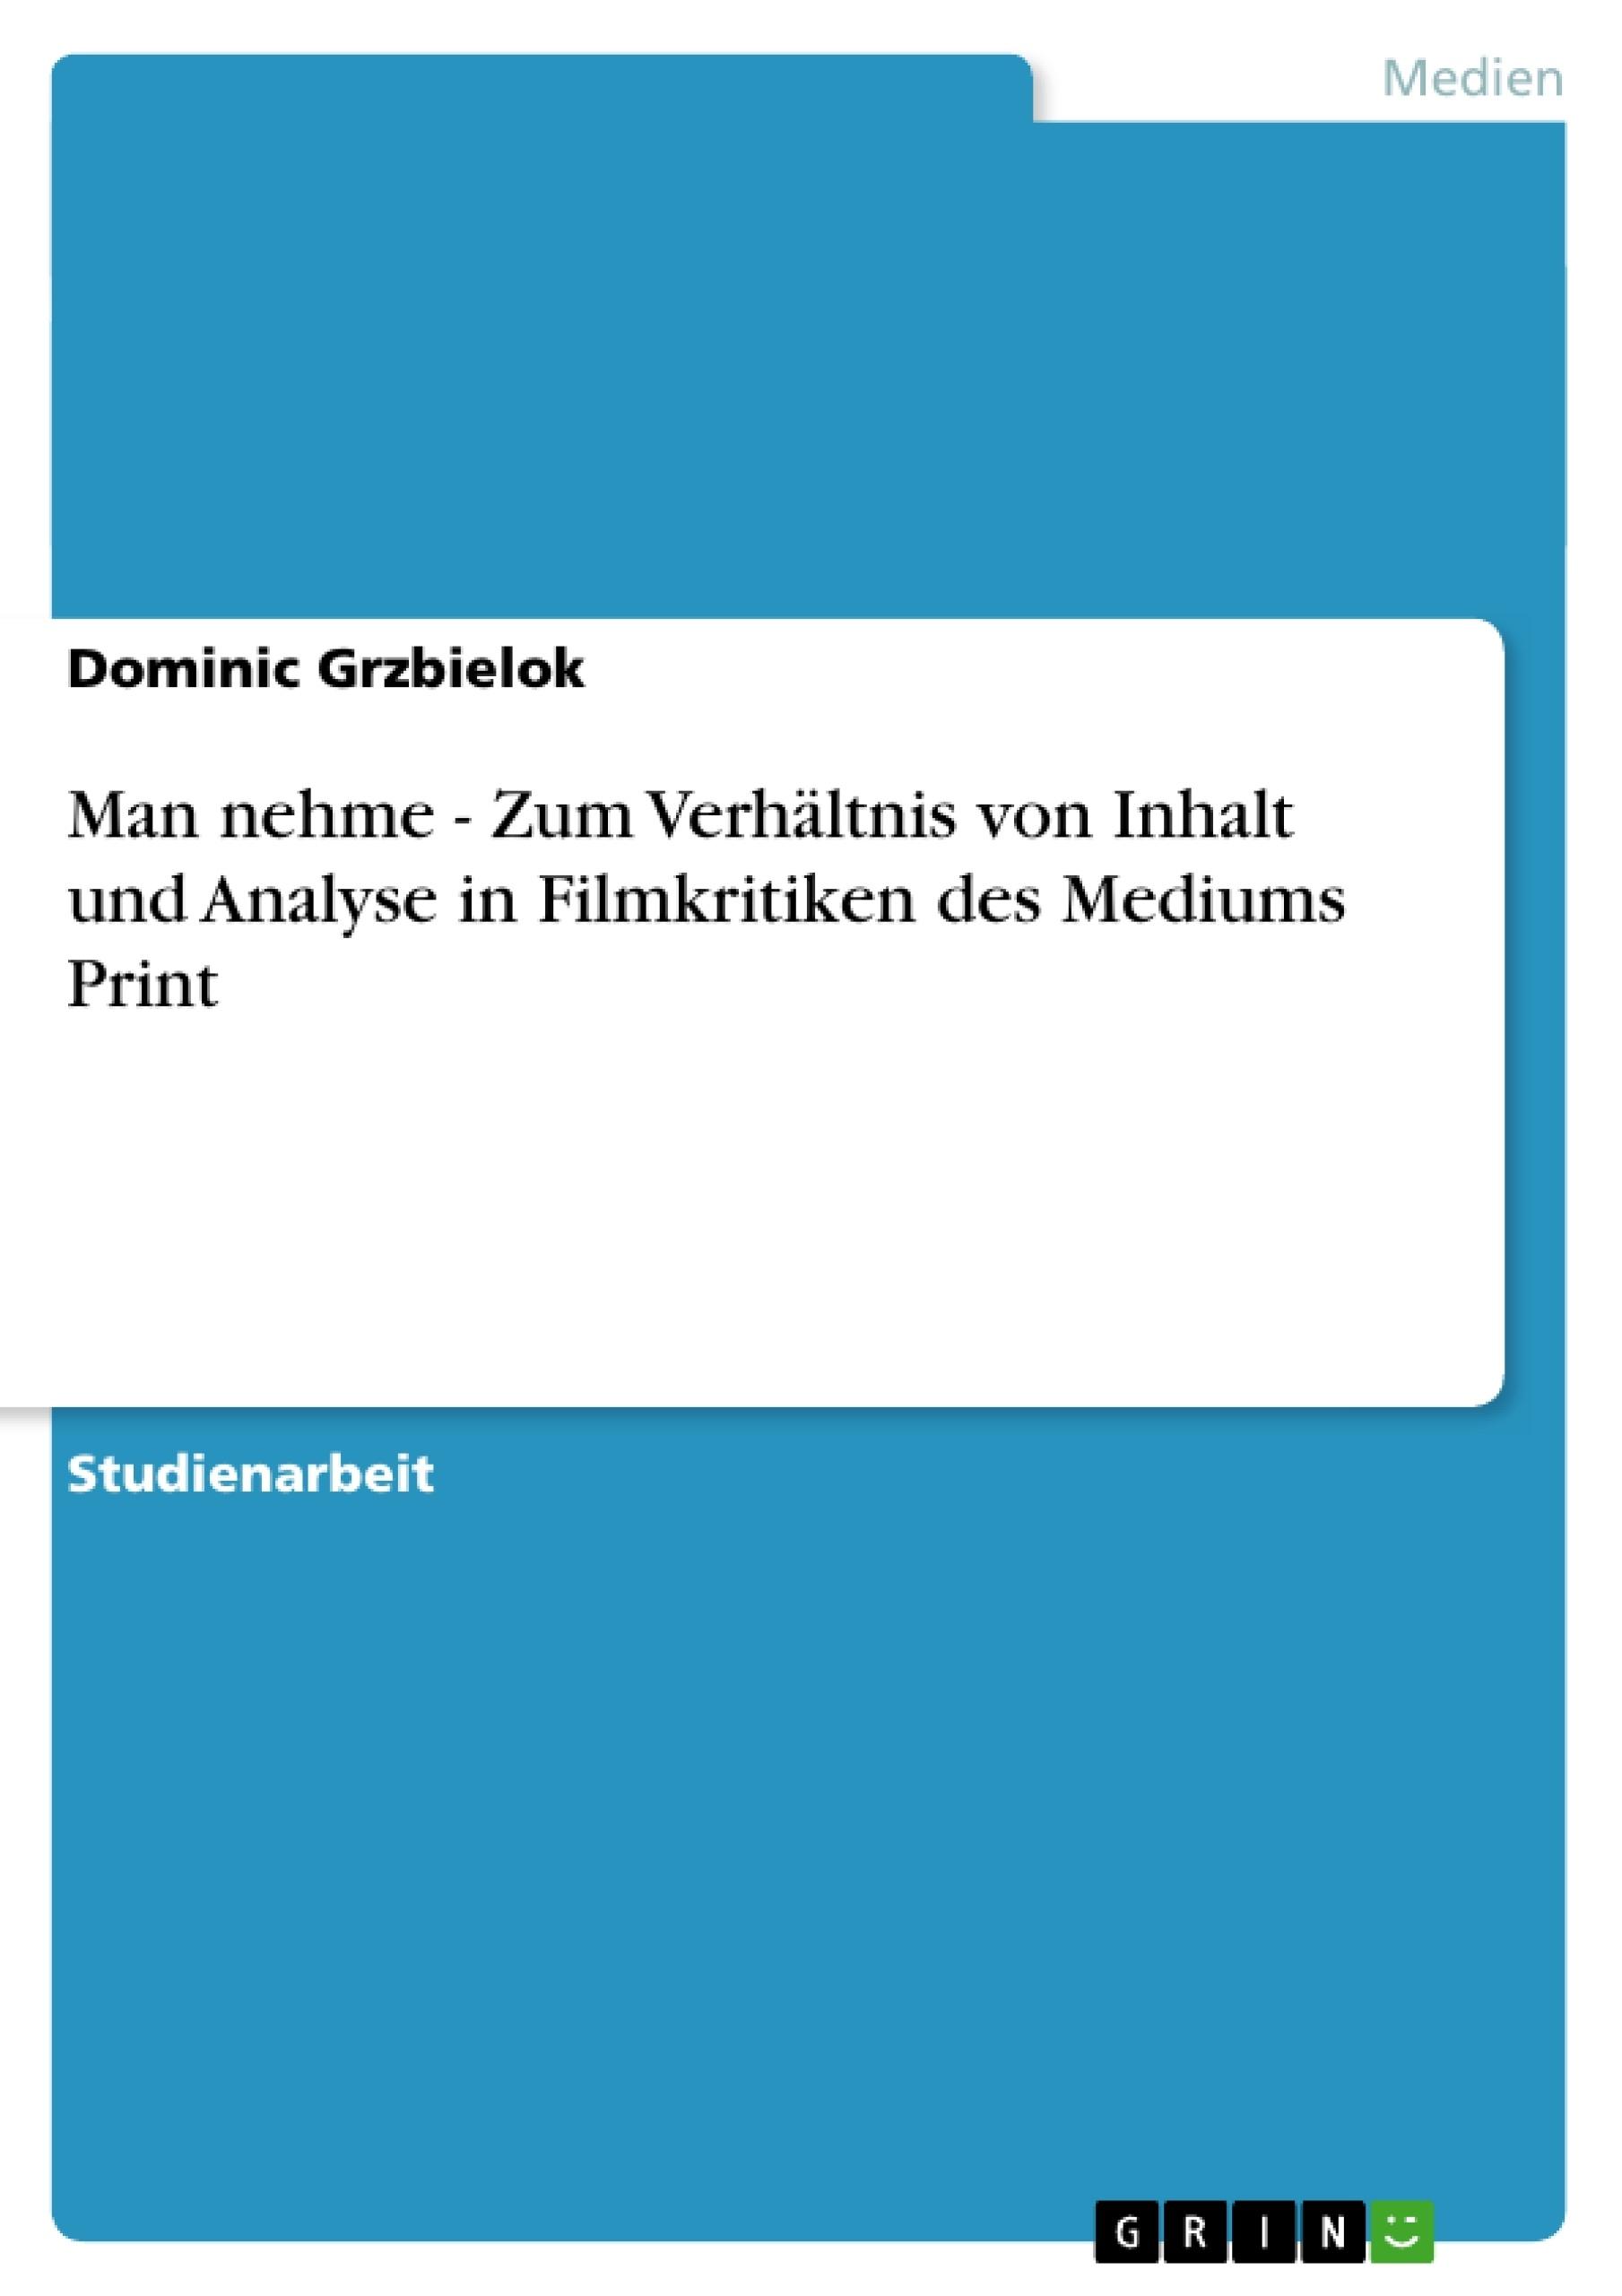 Titel: Man nehme - Zum Verhältnis von Inhalt und Analyse in Filmkritiken des Mediums Print